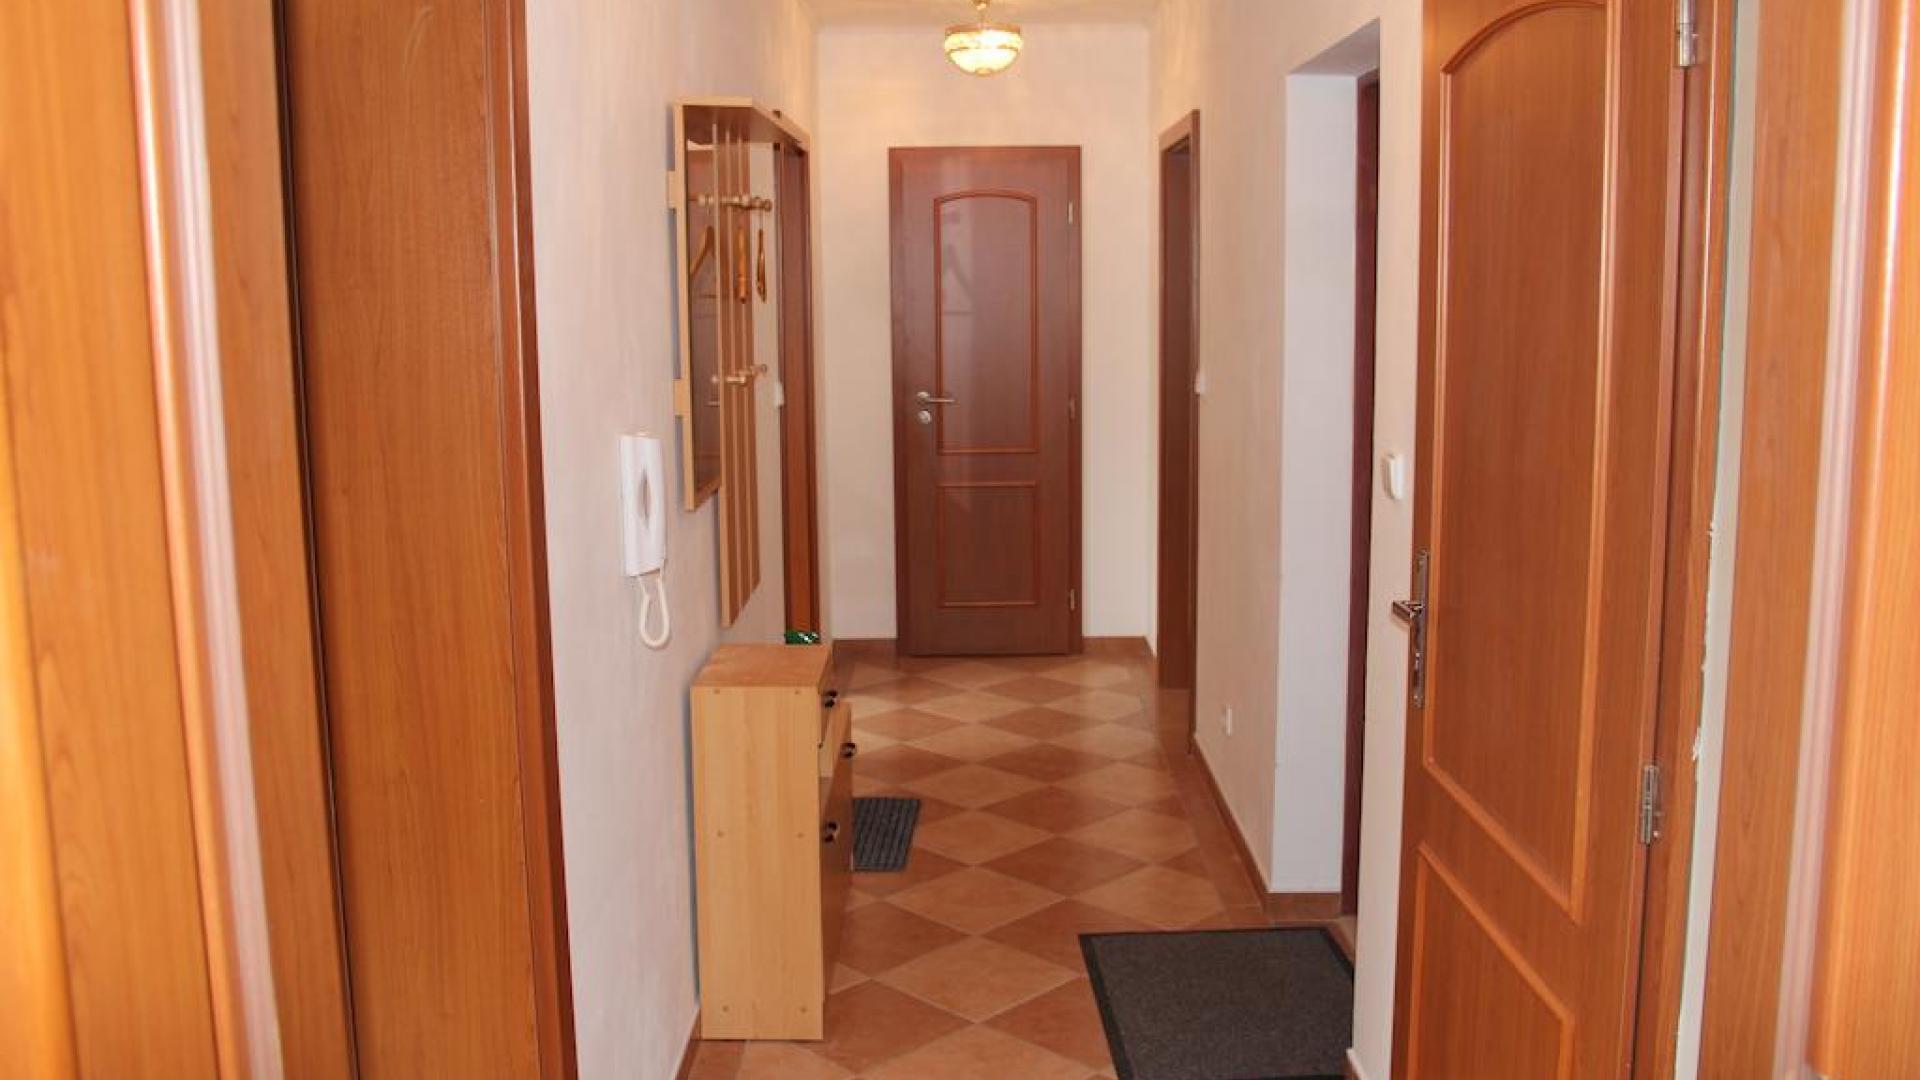 Апартаменты в Карловых Варах - София 5